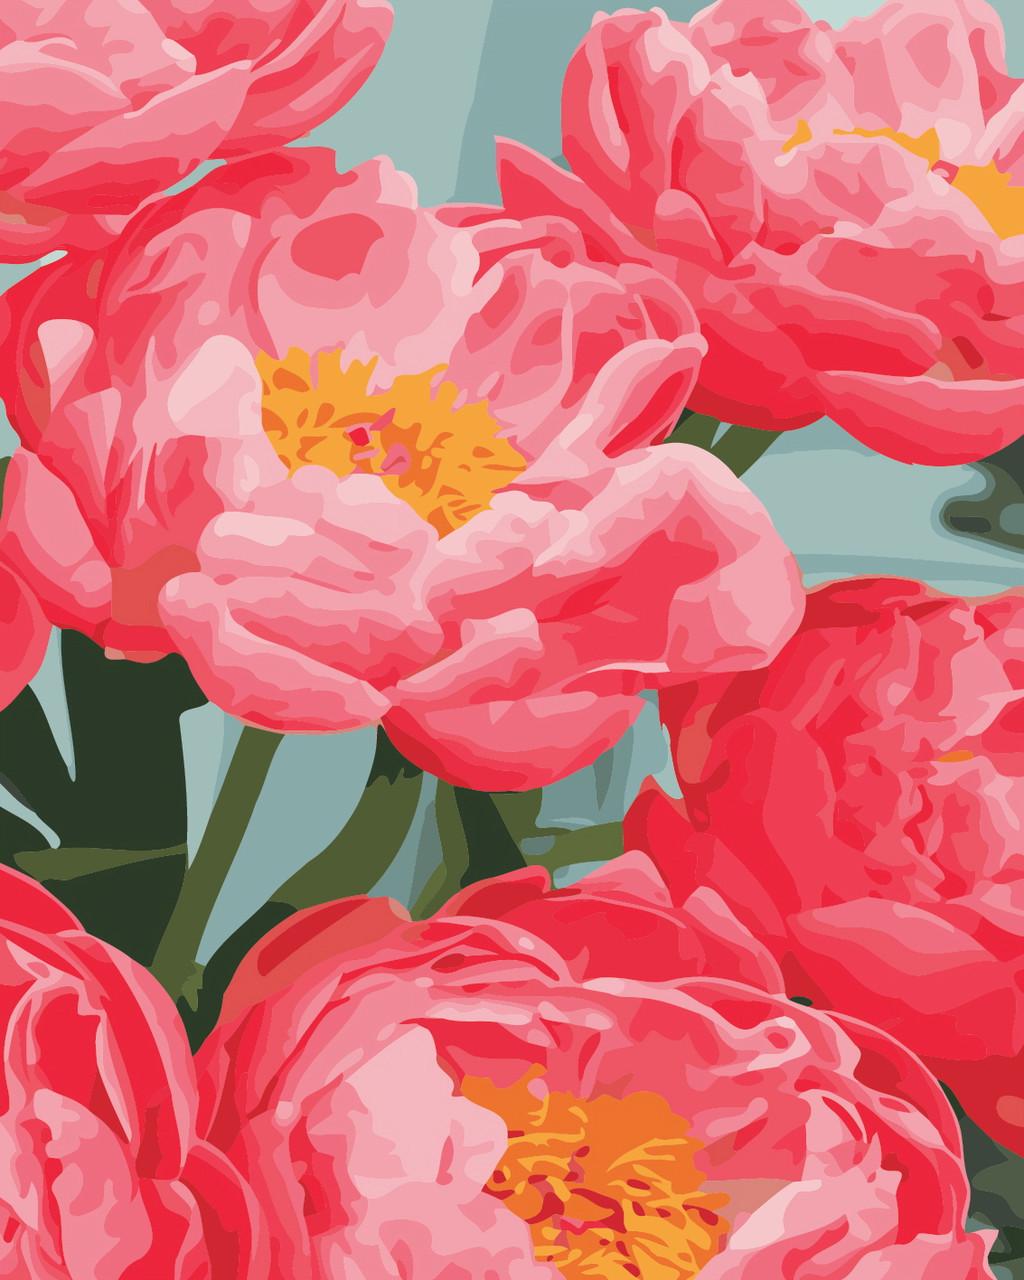 Художественный творческий набор, картина по номерам Ароматные пионы, 40x50 см, «Art Story» (AS0346)